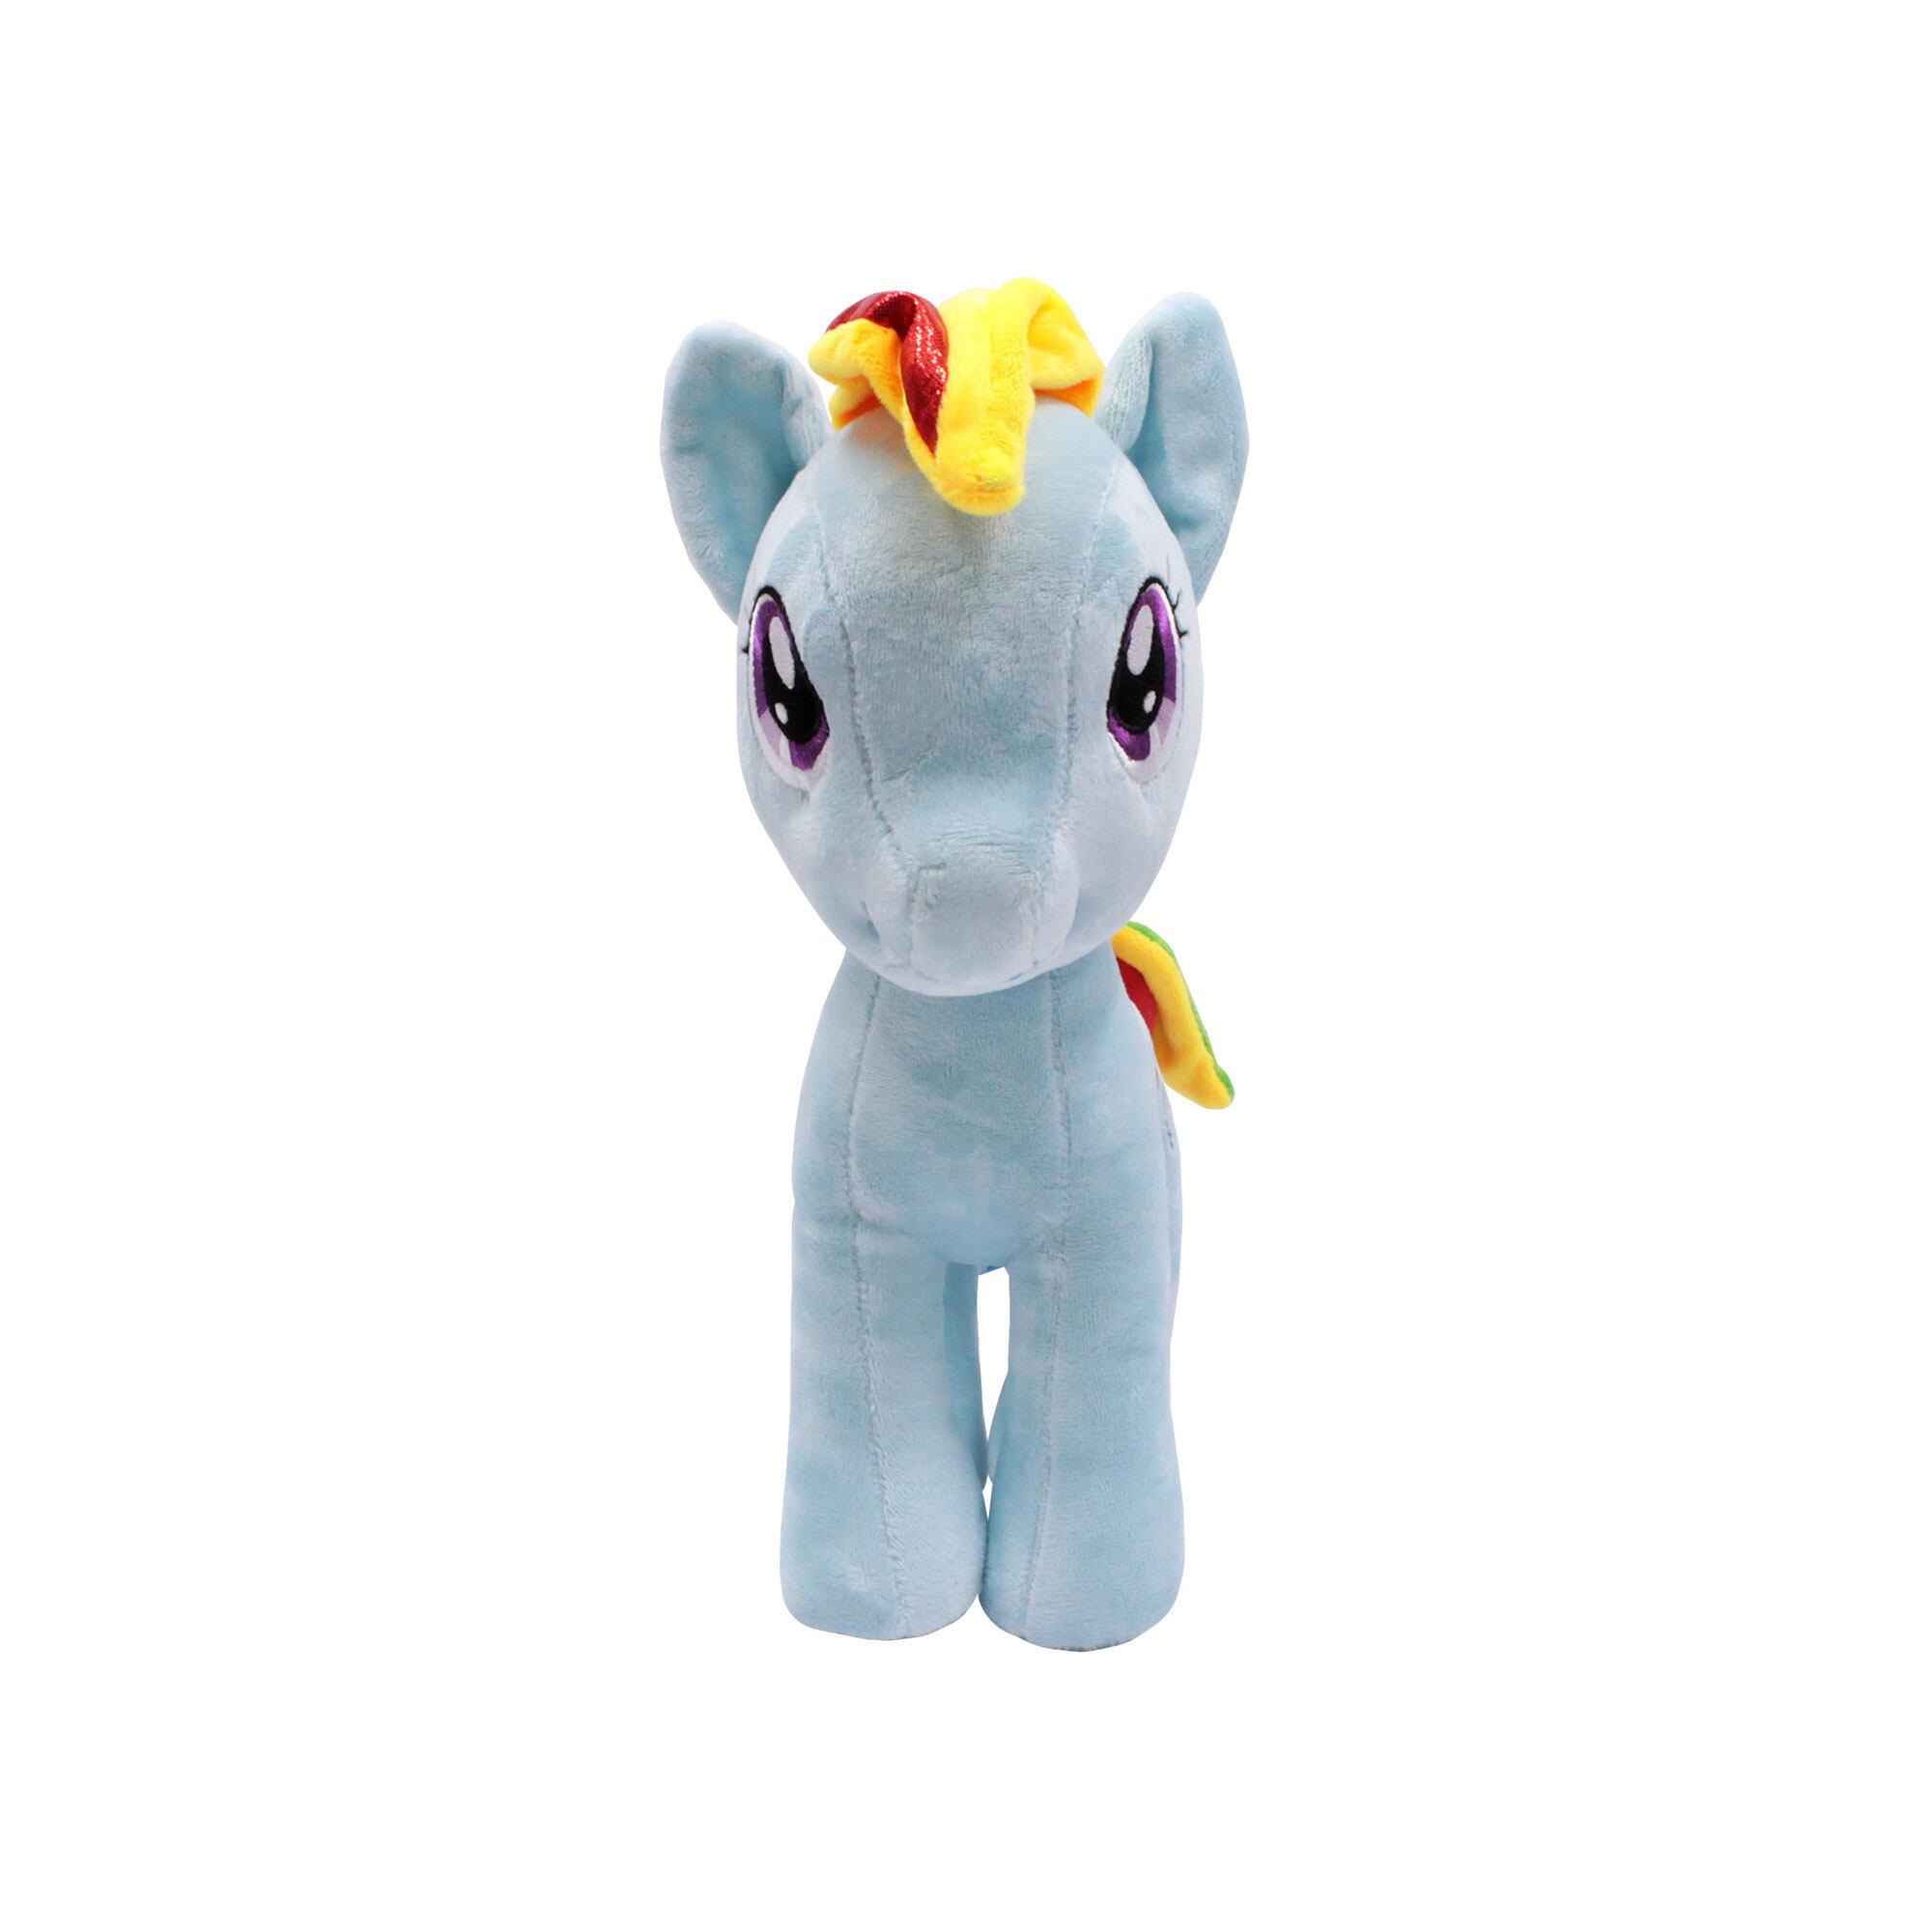 My Little Pony  Cute Blue Soft Plush Toy 30 cm - Rainbow Dash